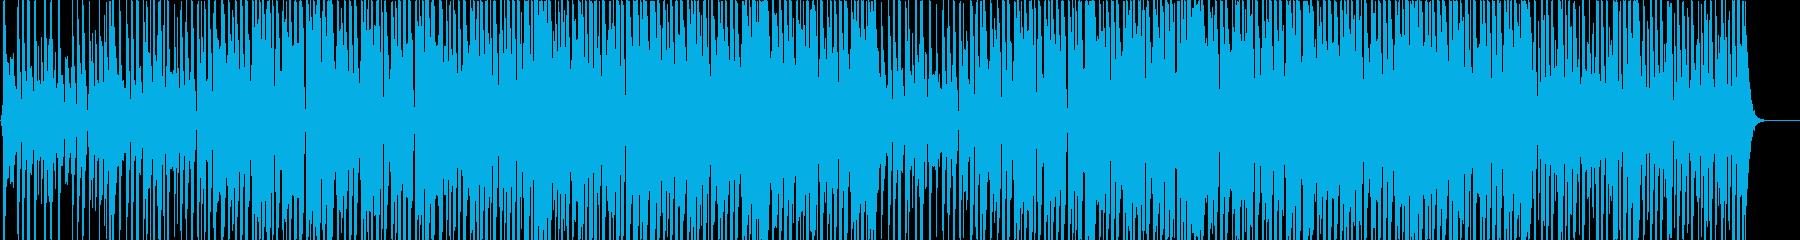 ファンキーなギターのショーリー向け楽曲の再生済みの波形